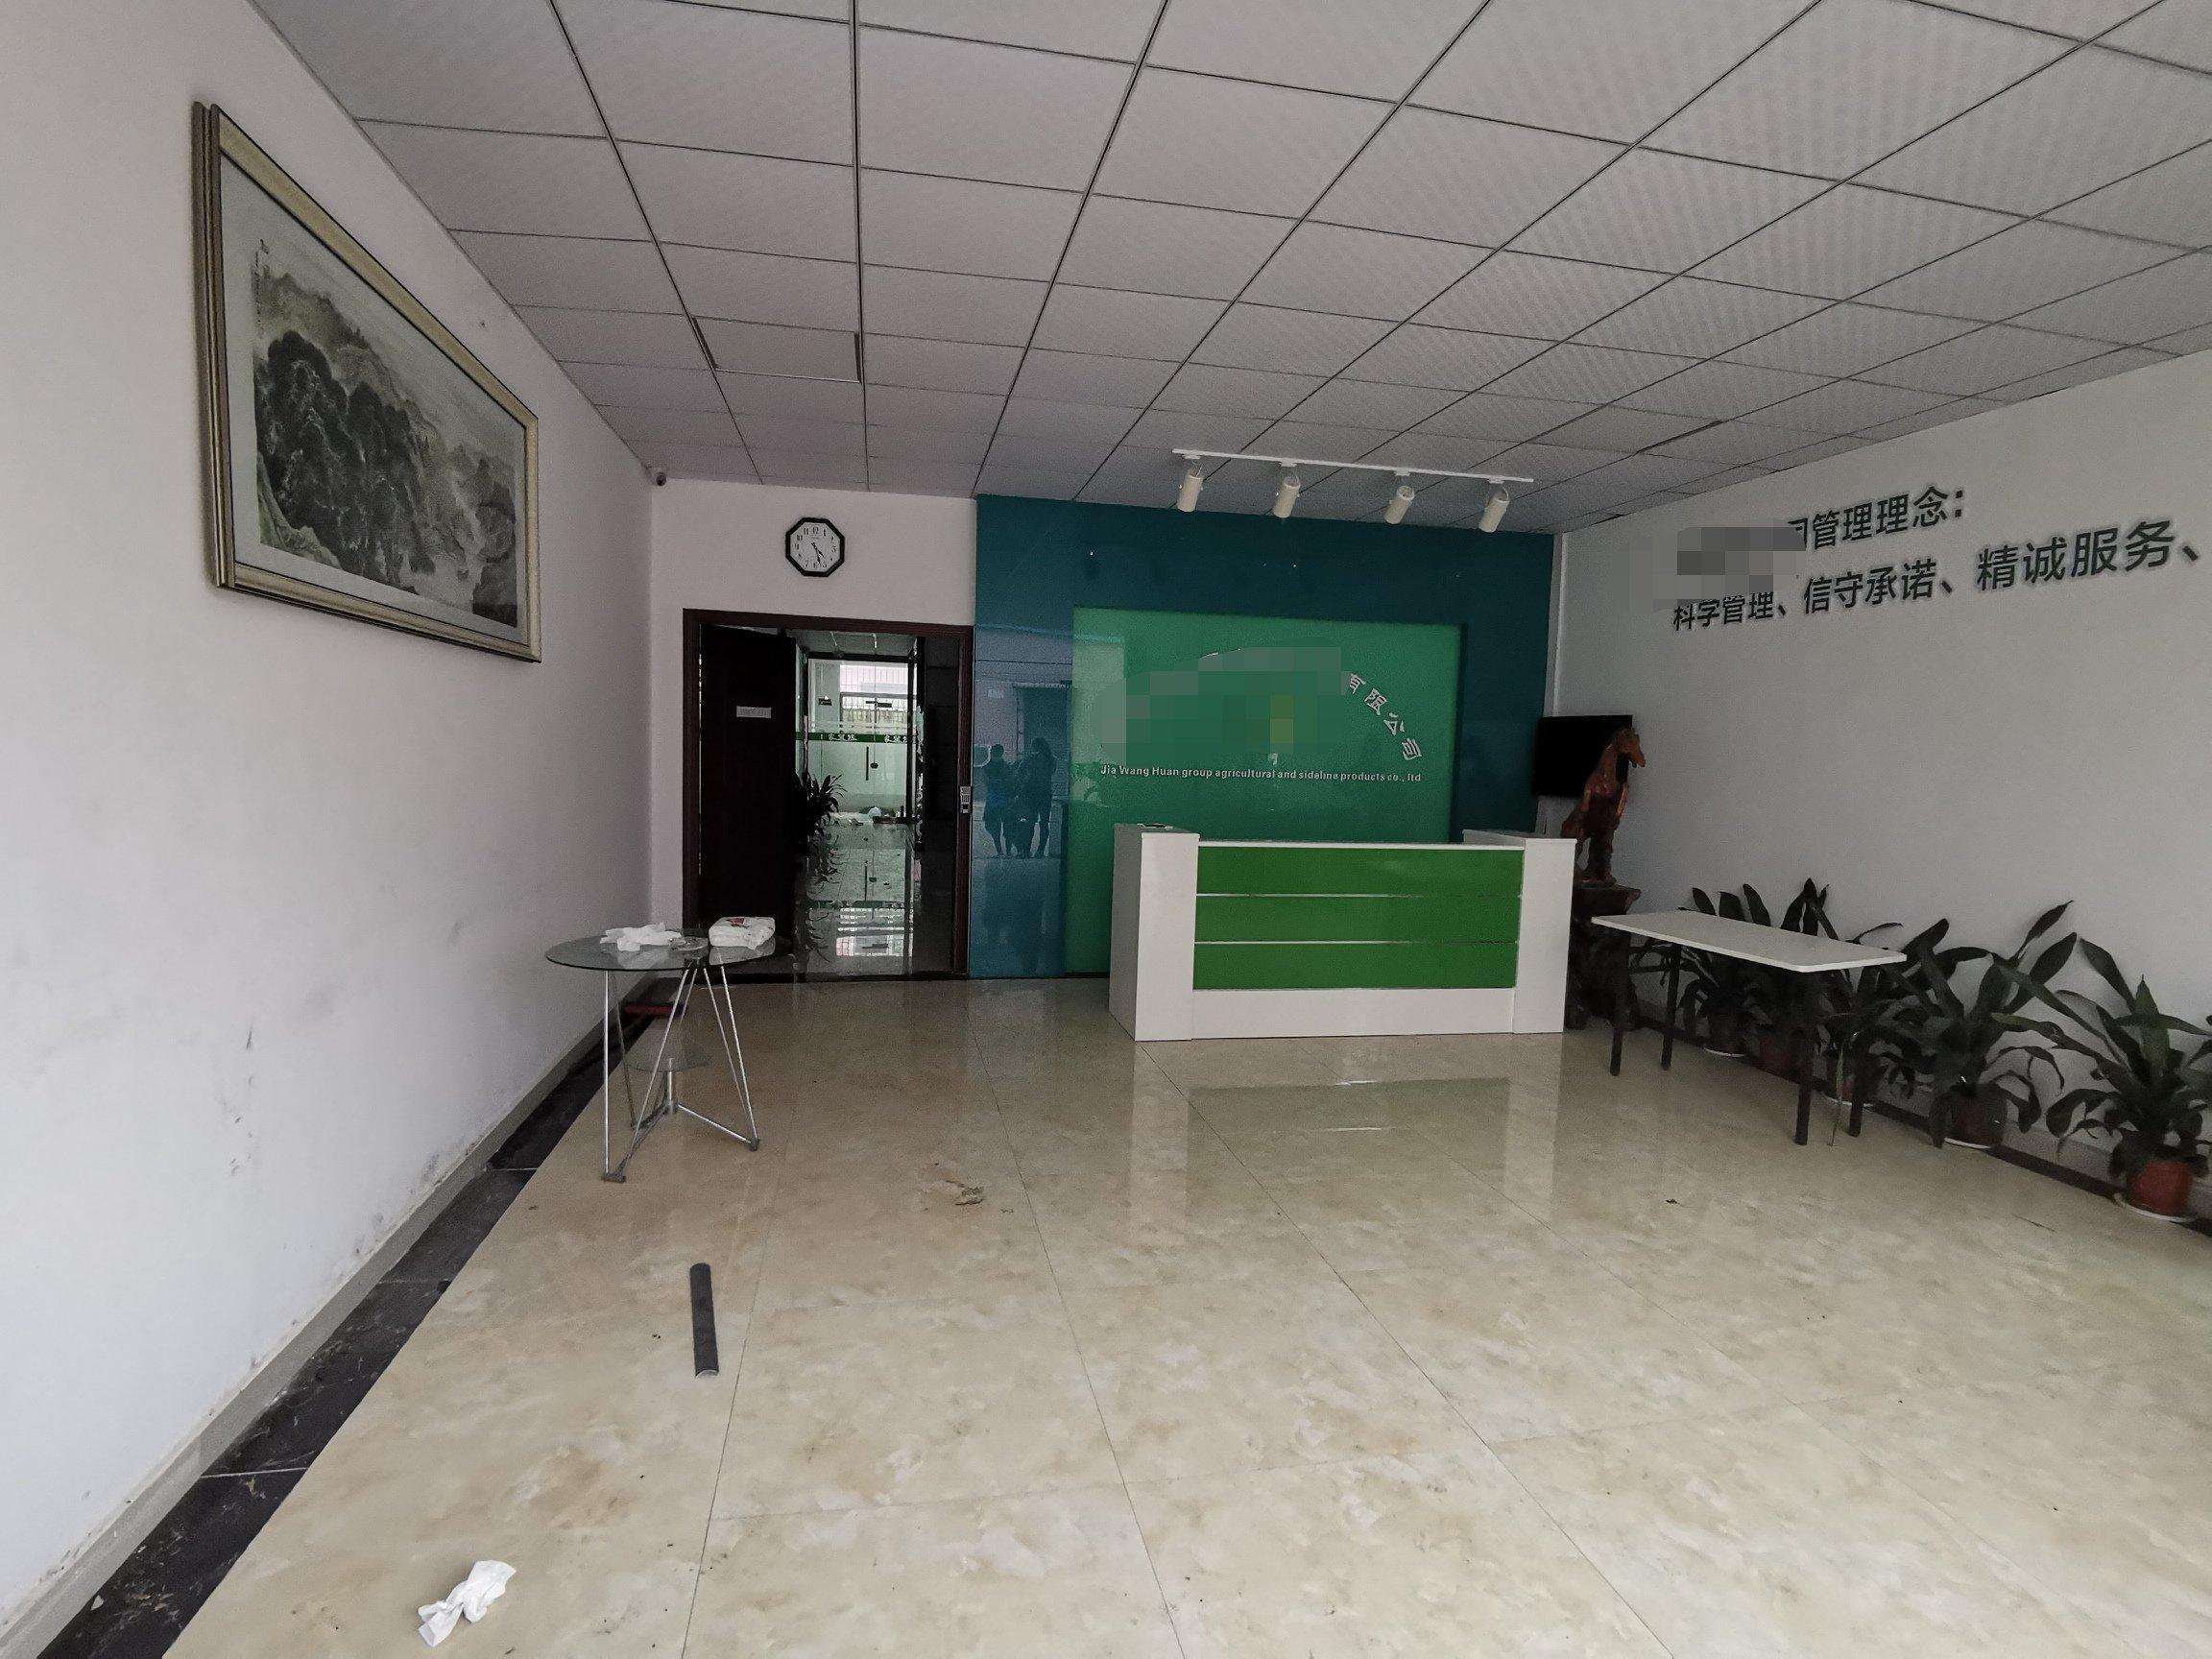 平湖丹平快速旁海吉星附近一楼超大空地 厂房仓库1700平出租